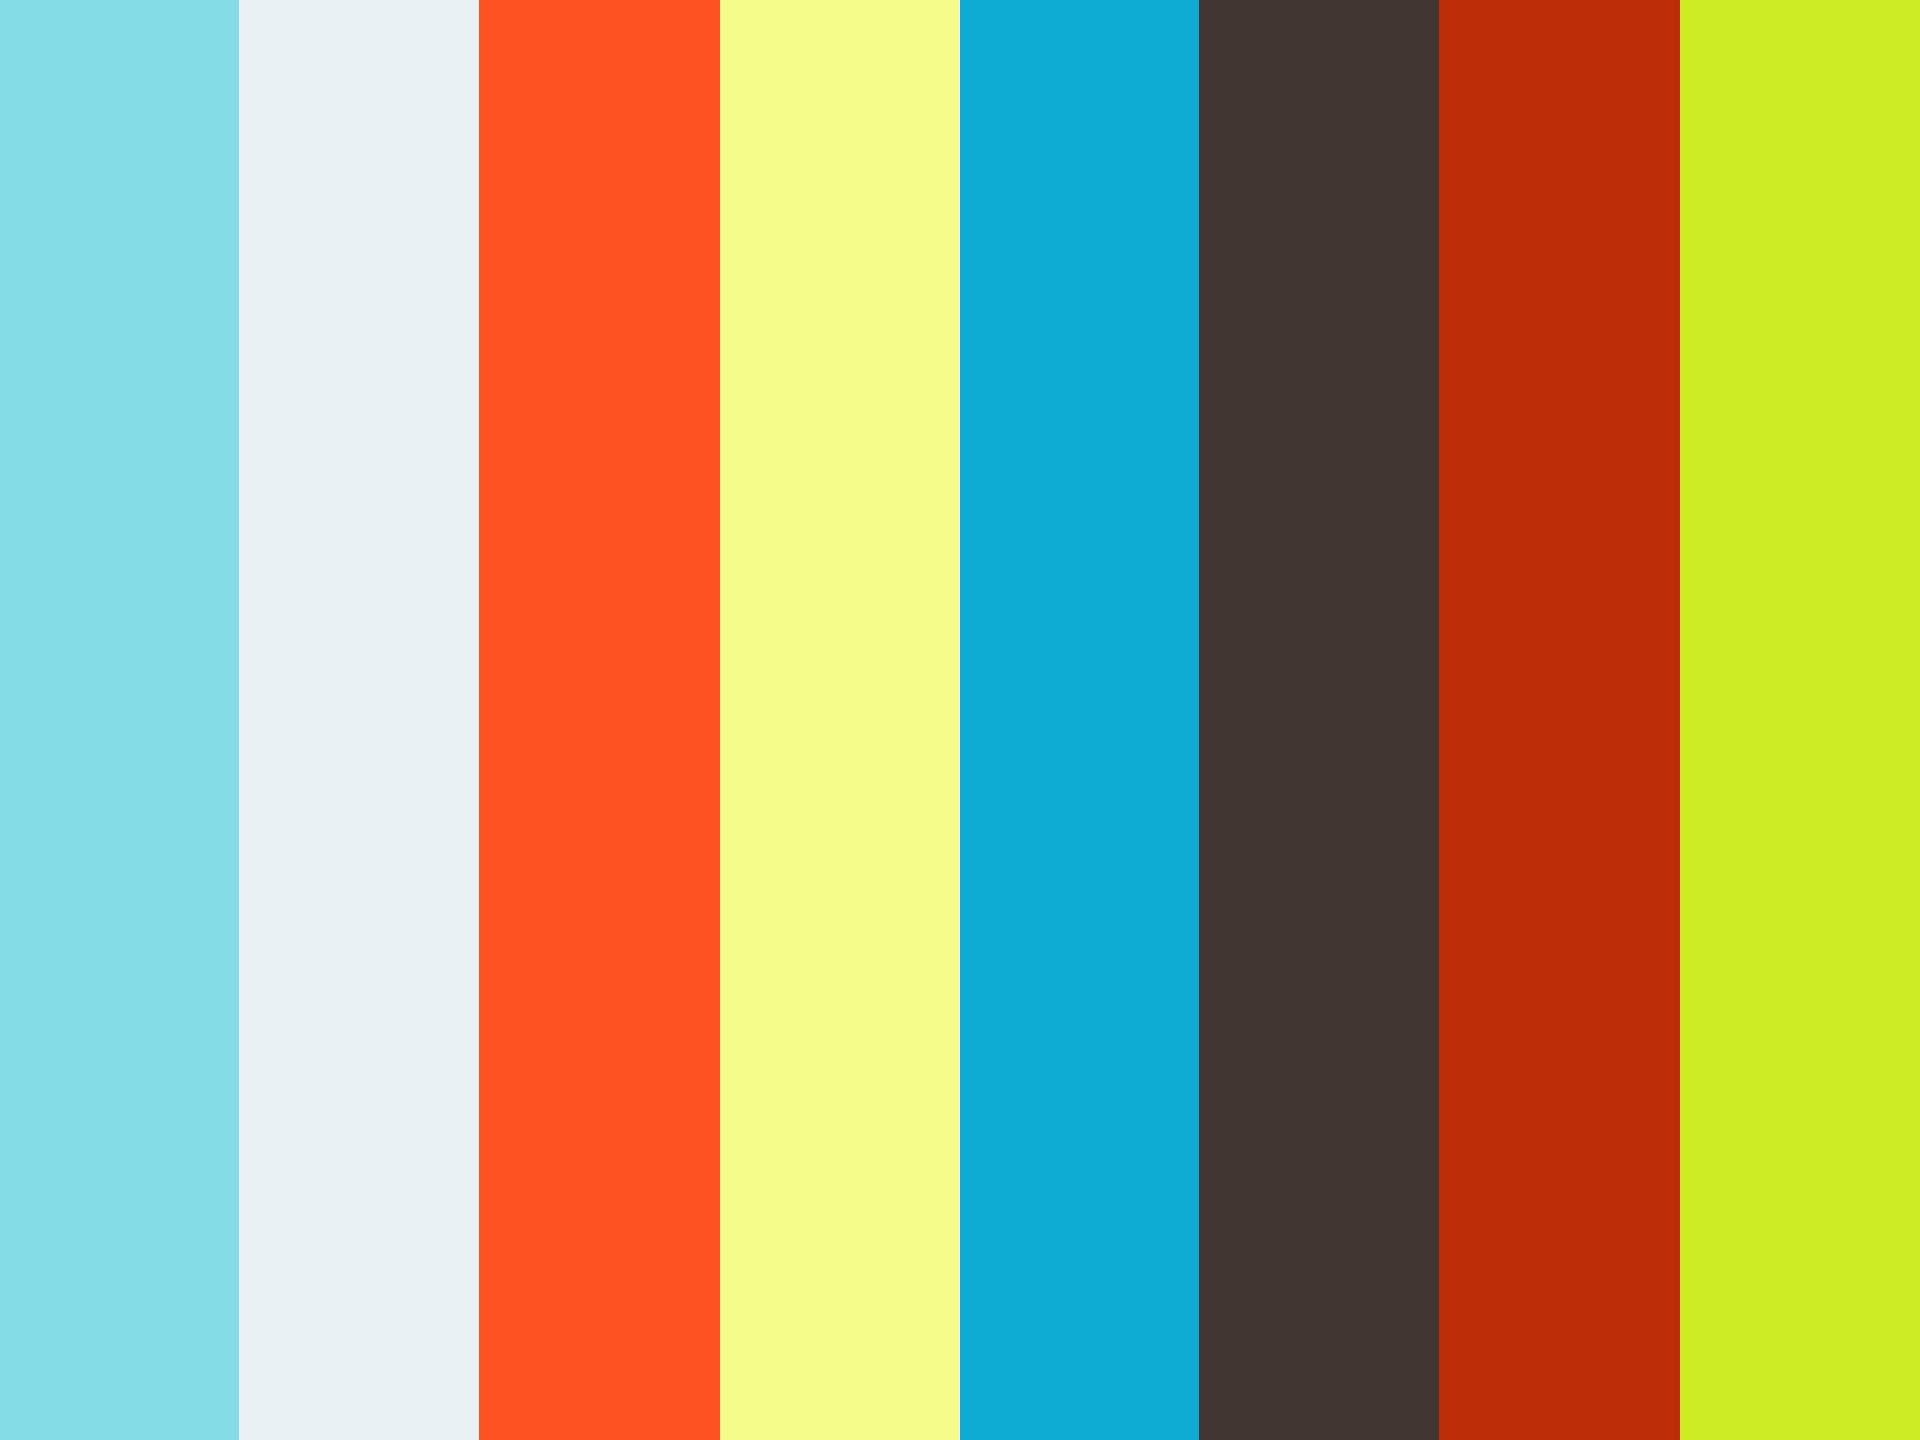 caroline boulton date of birthcaroline boulton age, caroline boulton wikipedia, caroline bolton call and win, caroline boulton novartis, caroline boulton game time, caroline boulton interior, caroline boulton twitter, caroline boulton instagram, caroline boulton australia, caroline boulton date of birth, caroline boulton bio, caroline boulton, caroline boulton wiki, caroline boulton actress, caroline boulton facebook, caroline boulton movies, caroline boulton physio, caroline boulton handforth, caroline boulton crewe, caroline spencer-boulton